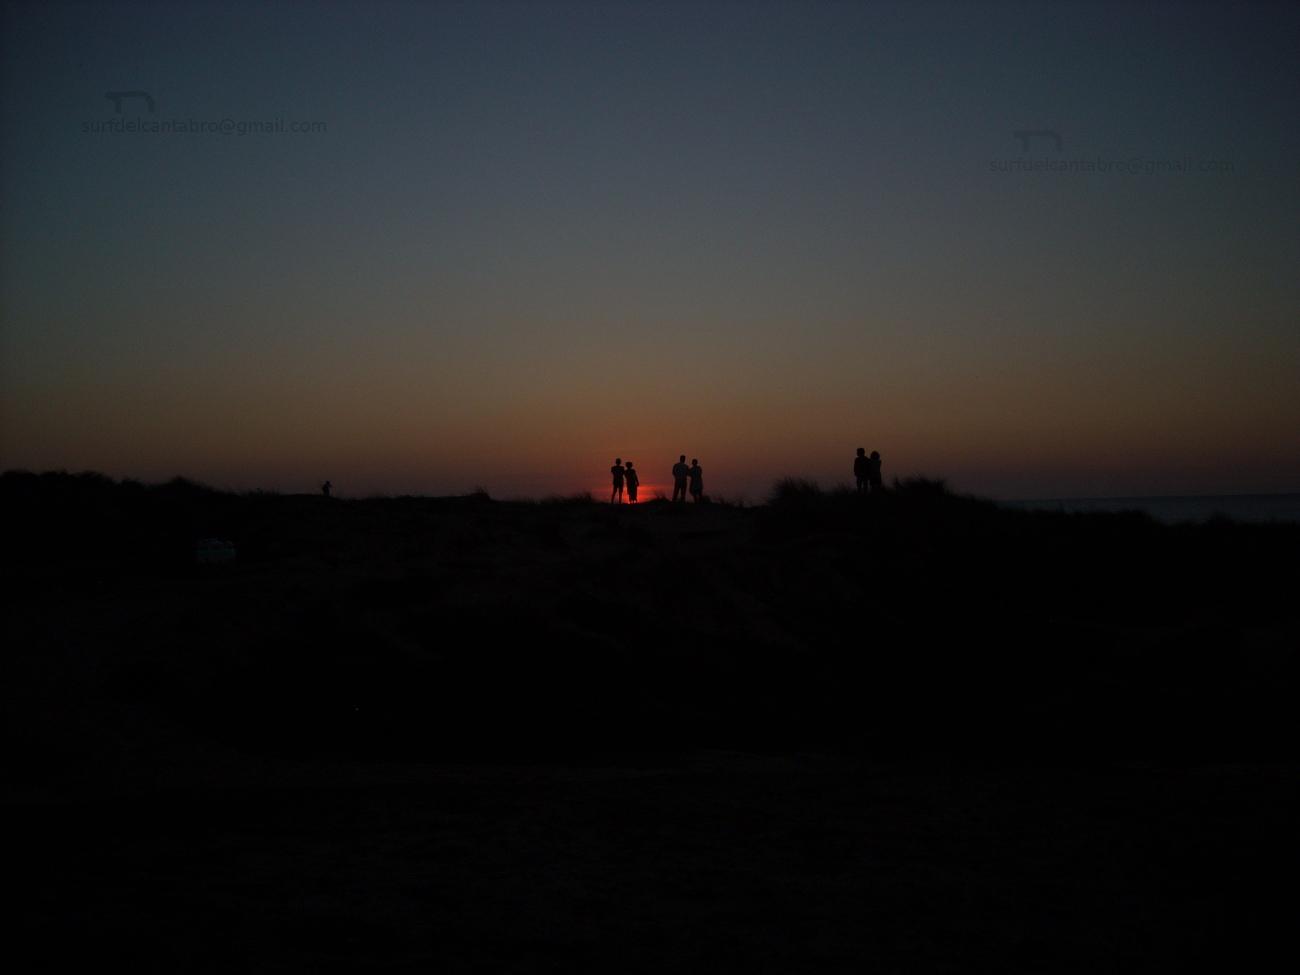 sunset & night